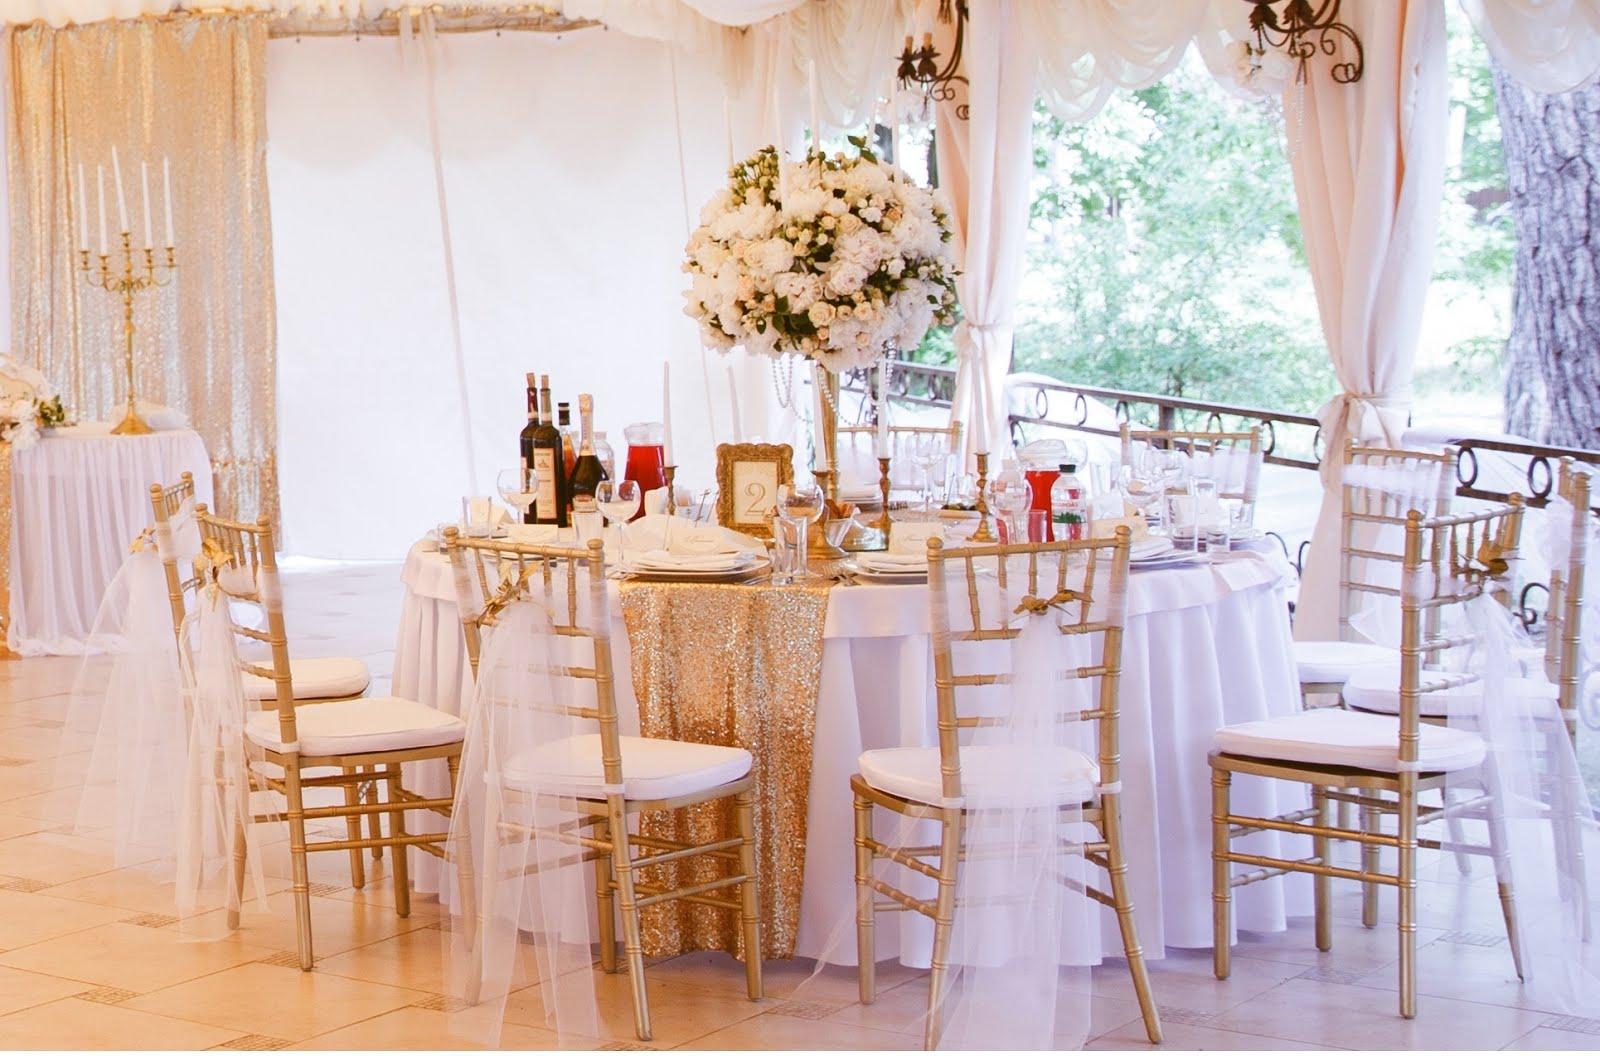 Свадьба в золотых пайетках. Шатёр в ресторане Три Мушкетёра